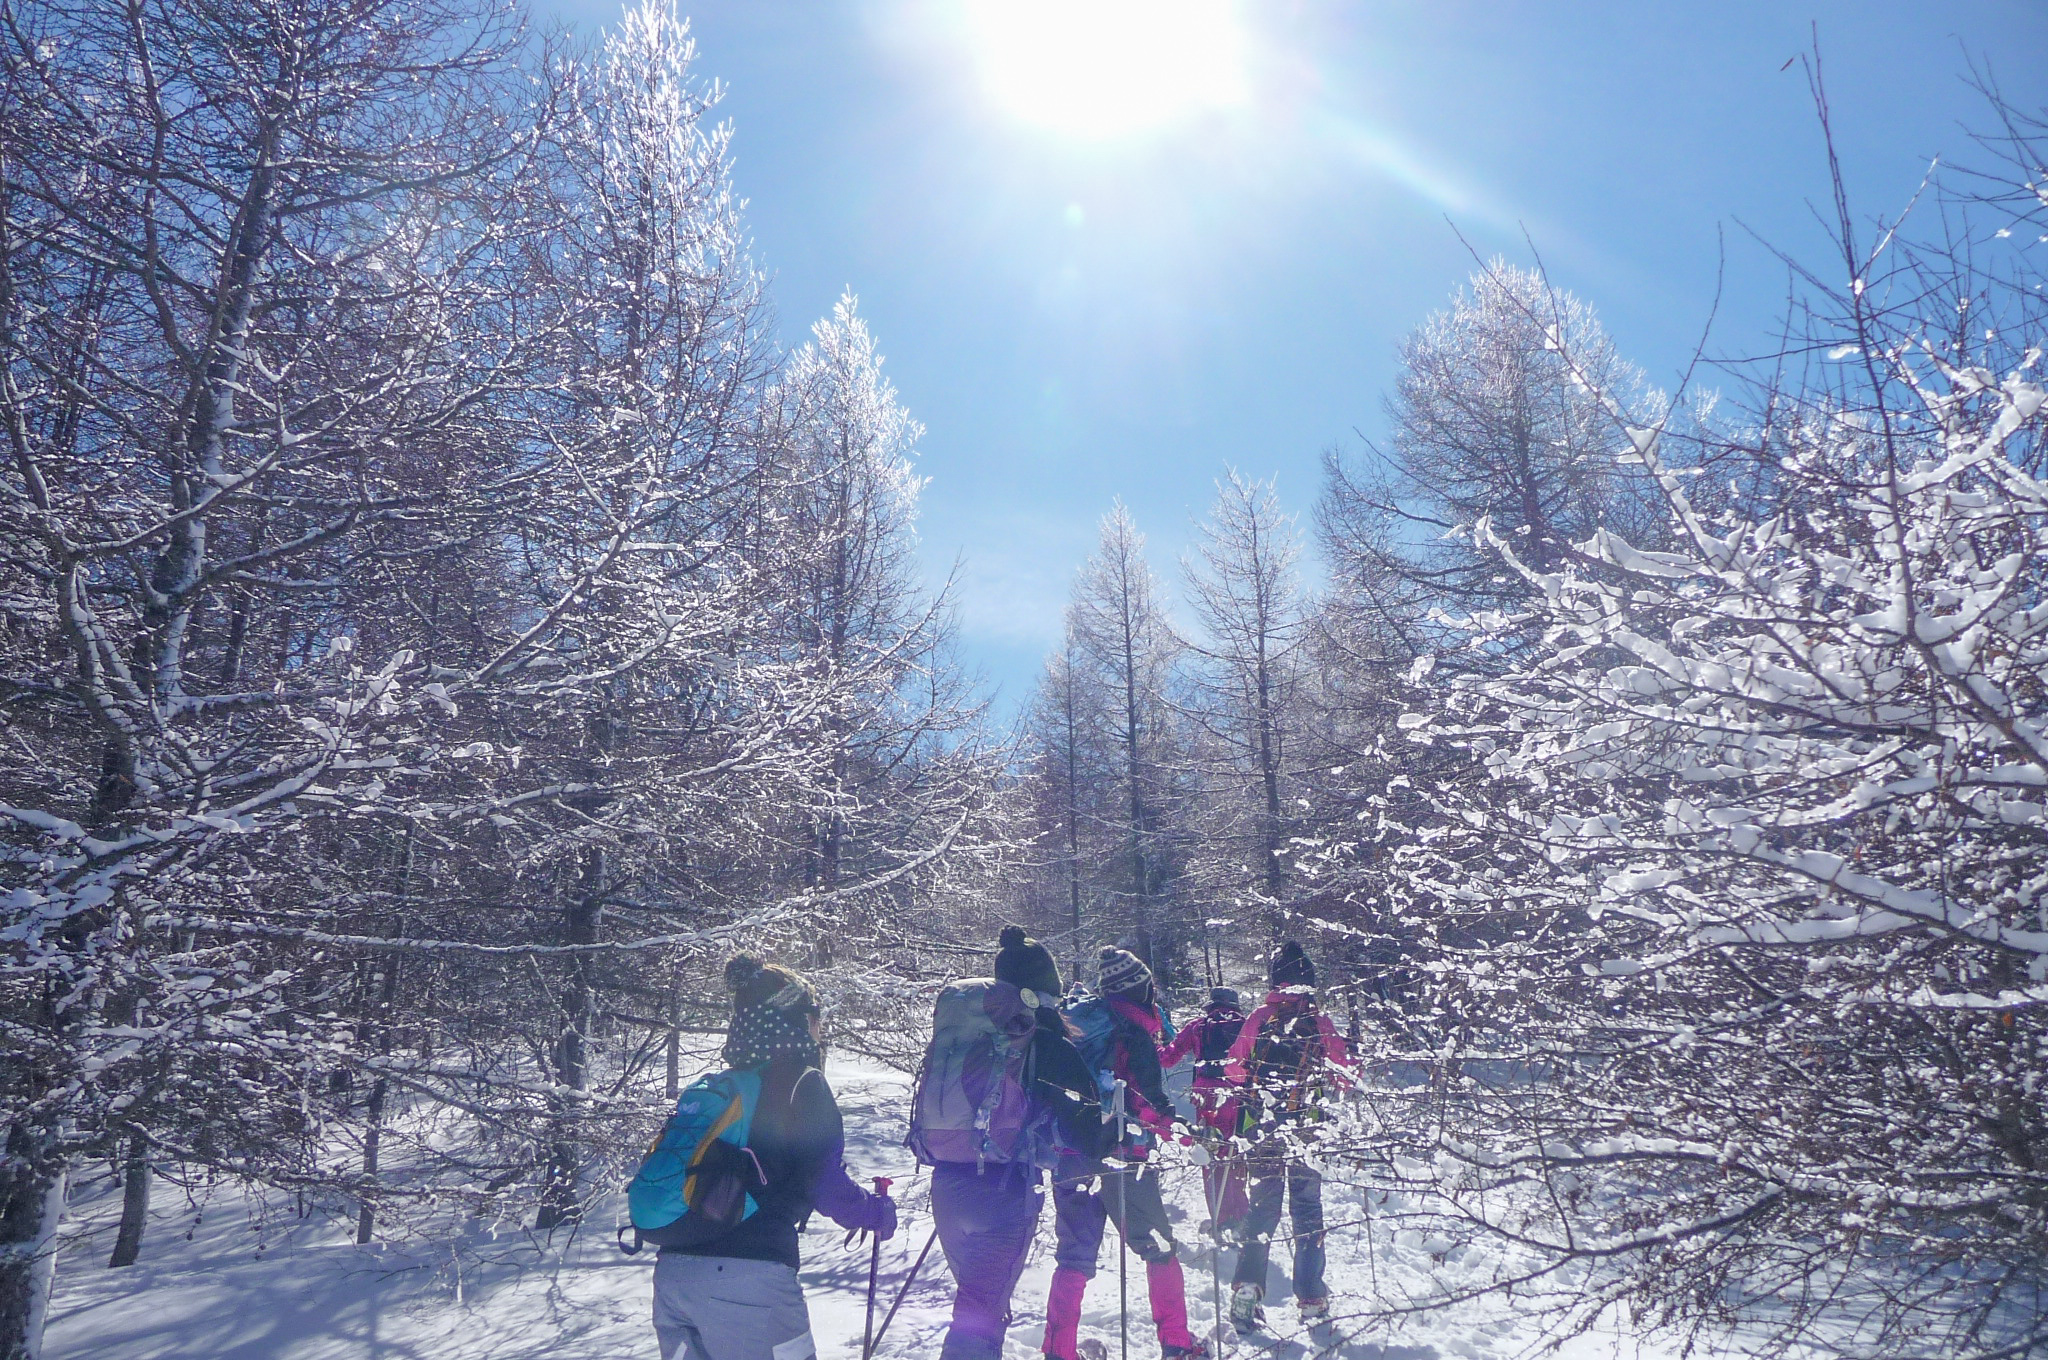 鈴木みきさんと行く『山っていい友!』~マナスル山荘に泊まる~ 入笠山スノーシュ・ハイキング 2日間